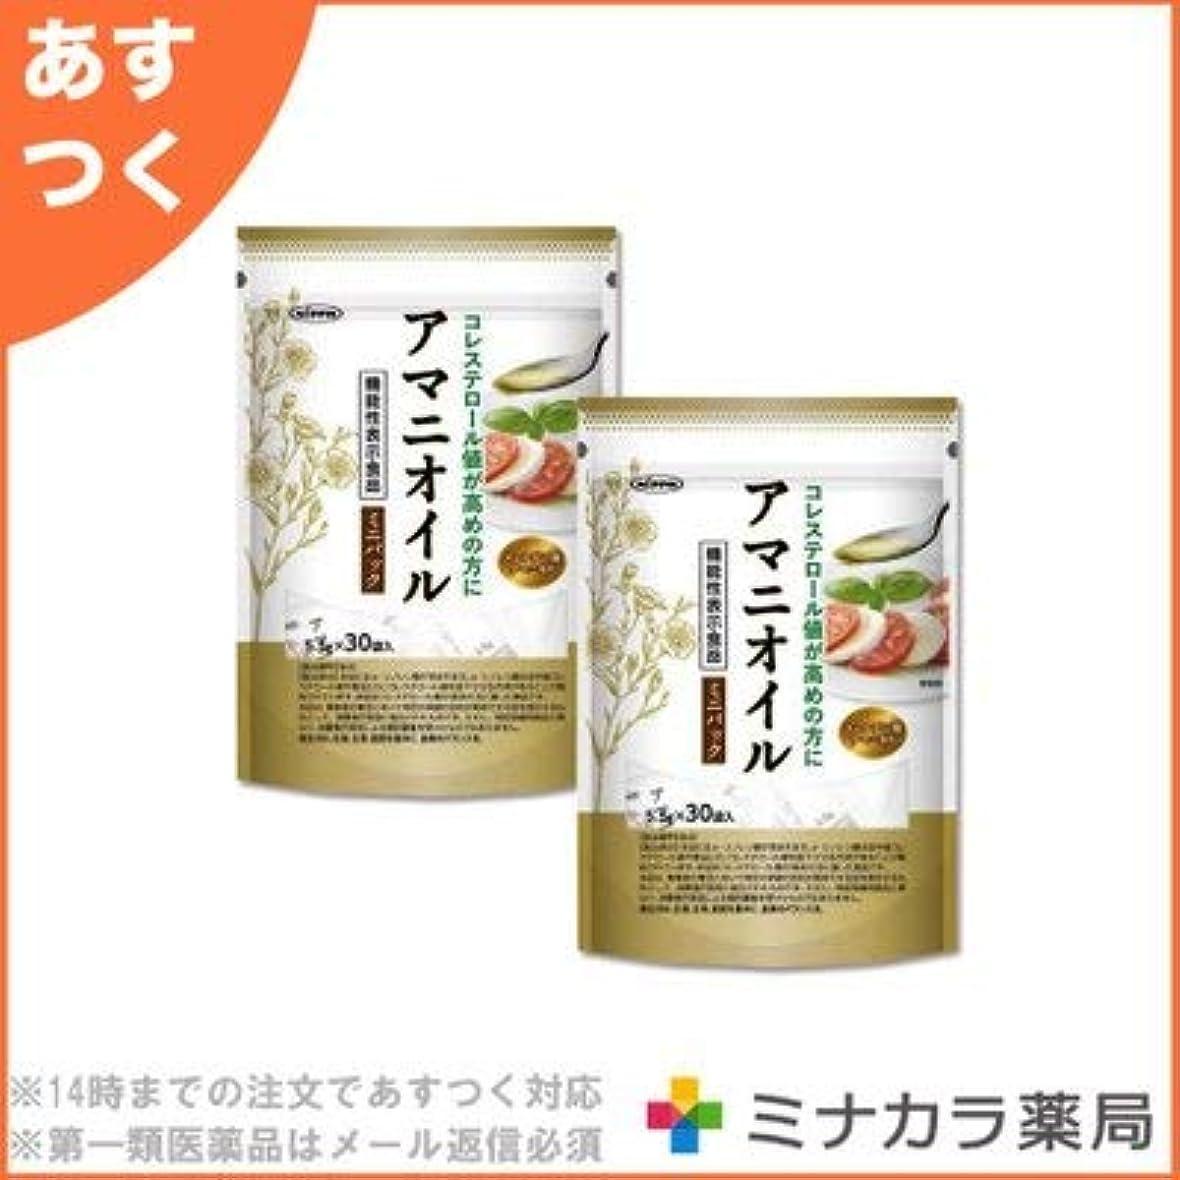 テンション瞑想する獣日本製粉 アマニオイル ミニパック 5.5g×30 (機能性表示食品)×2個セット